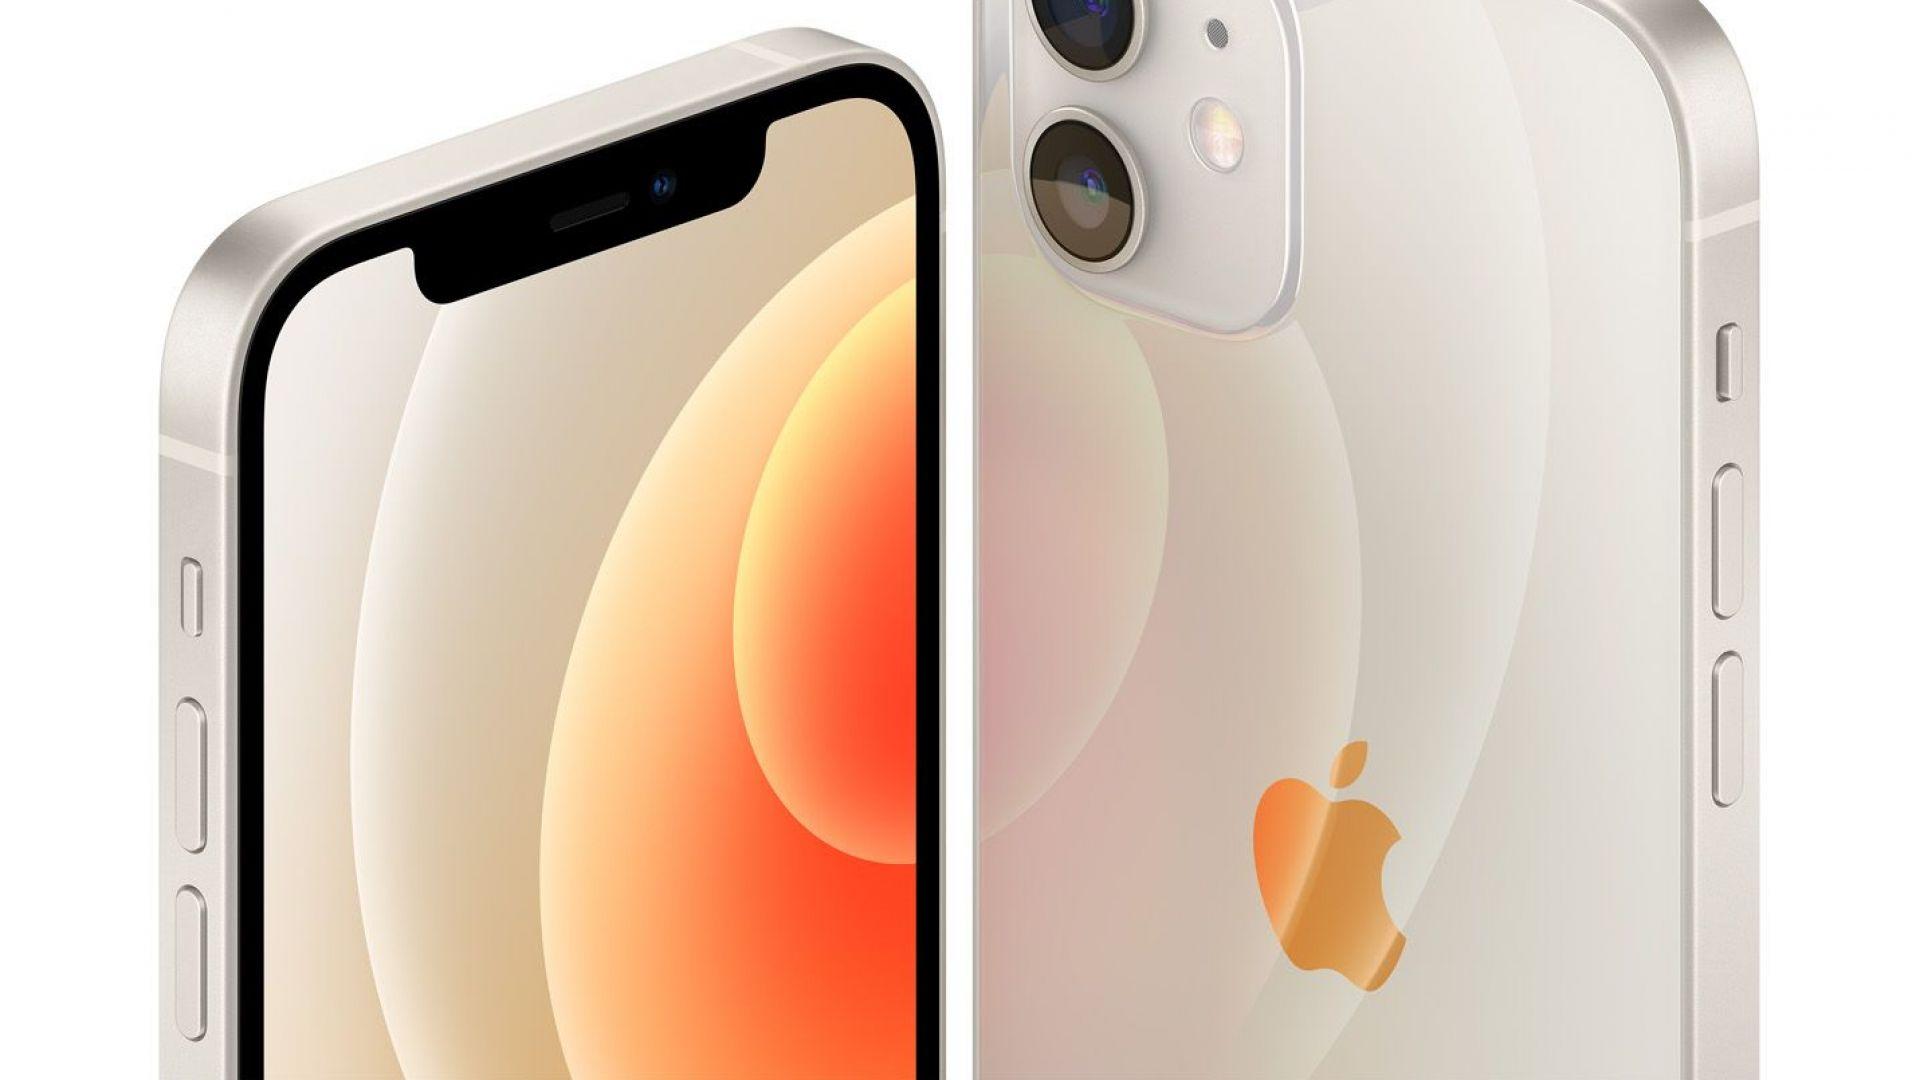 От днес започват предварителните поръчки на iPhone 12 и iPhone 12 Pro във VIVACOM